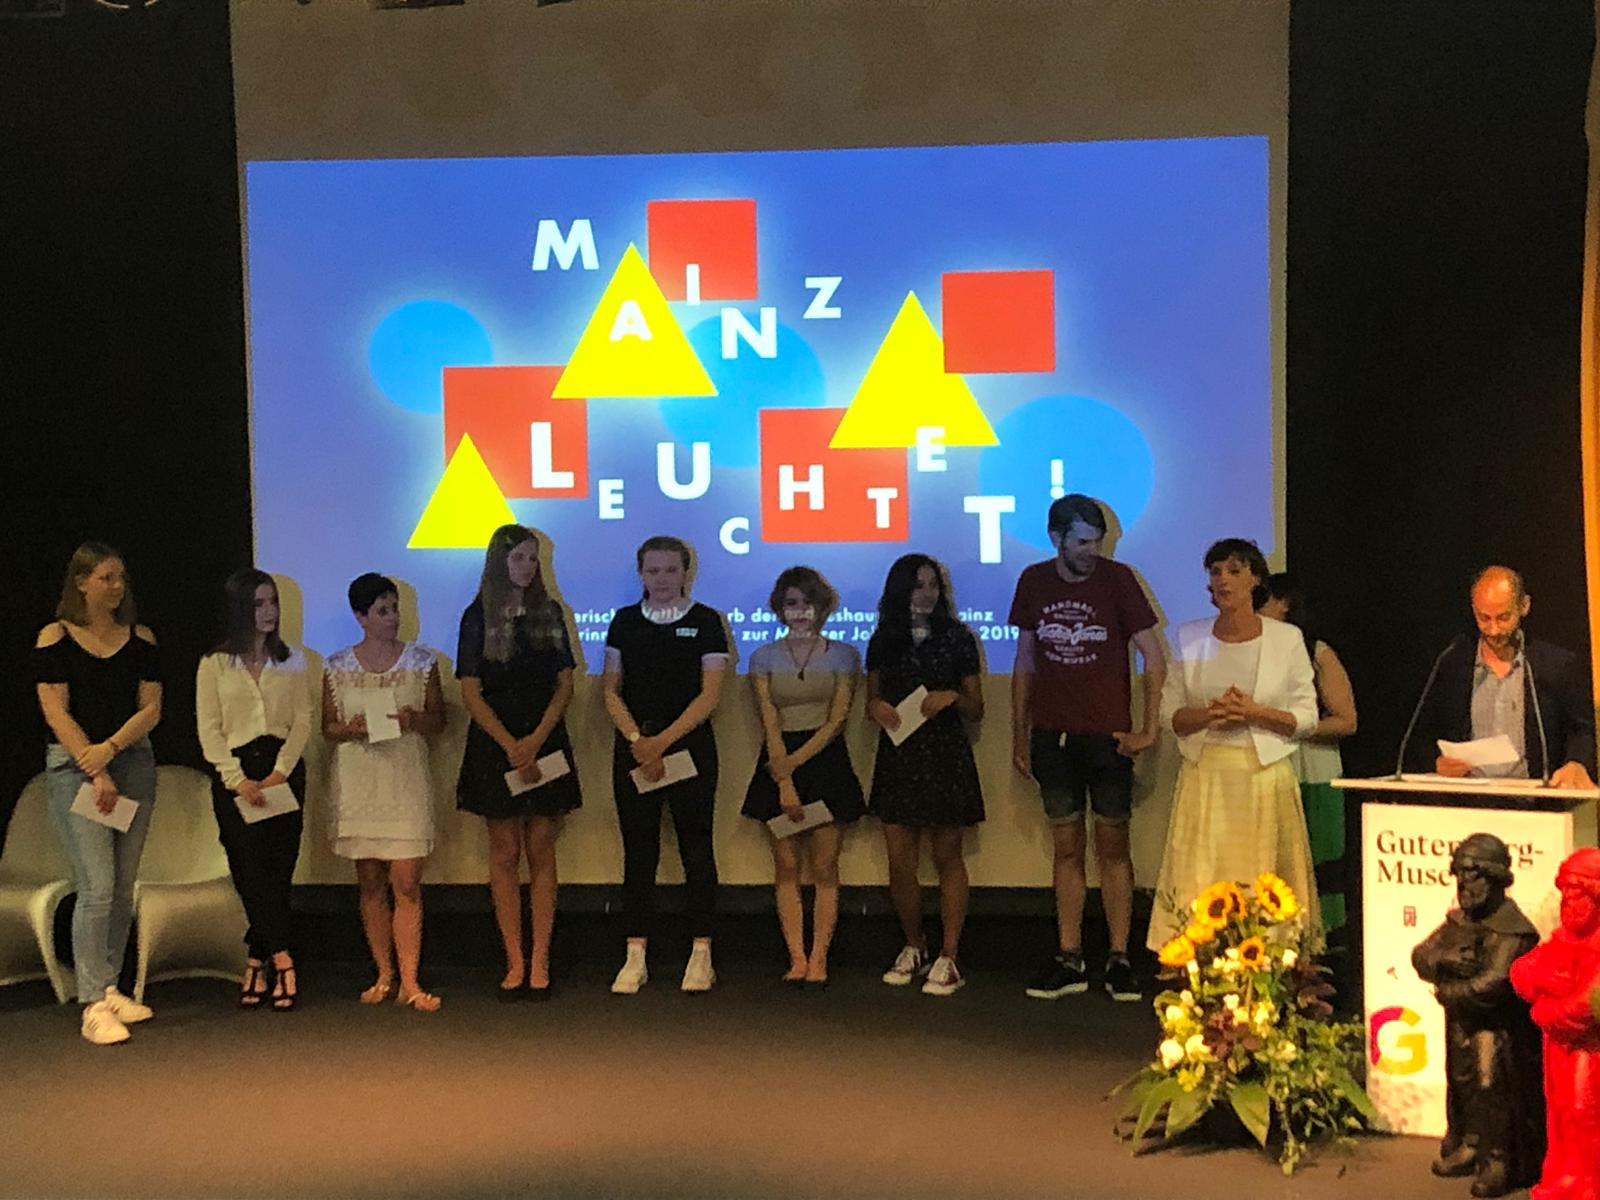 Preis gewonnen bei MAINZ LEUCHTET! – Entwirf einen Lettern-Lampion zum Bauhaus-Jubiläum!